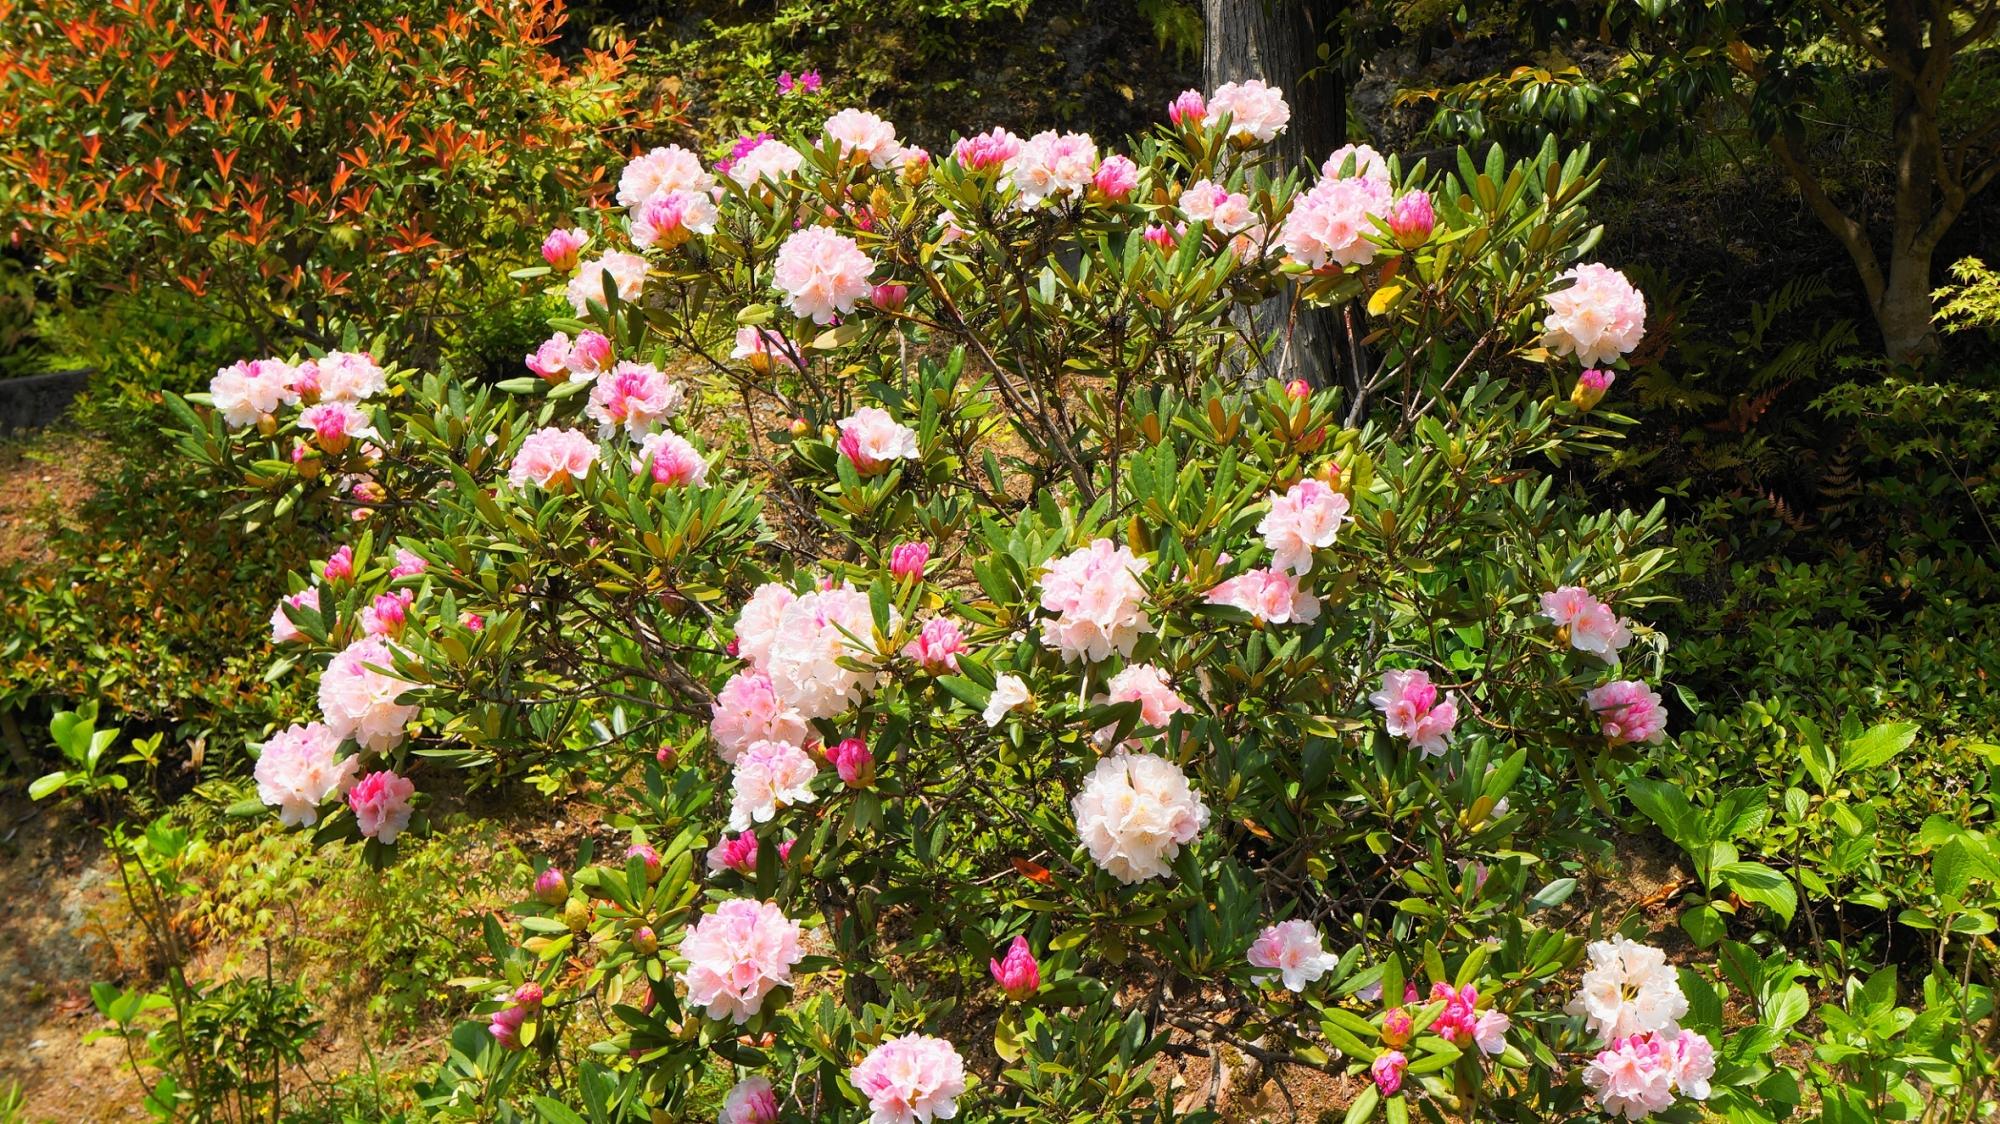 三室戸寺の池泉回遊式庭園の近くにある石楠花(シャクナゲ)